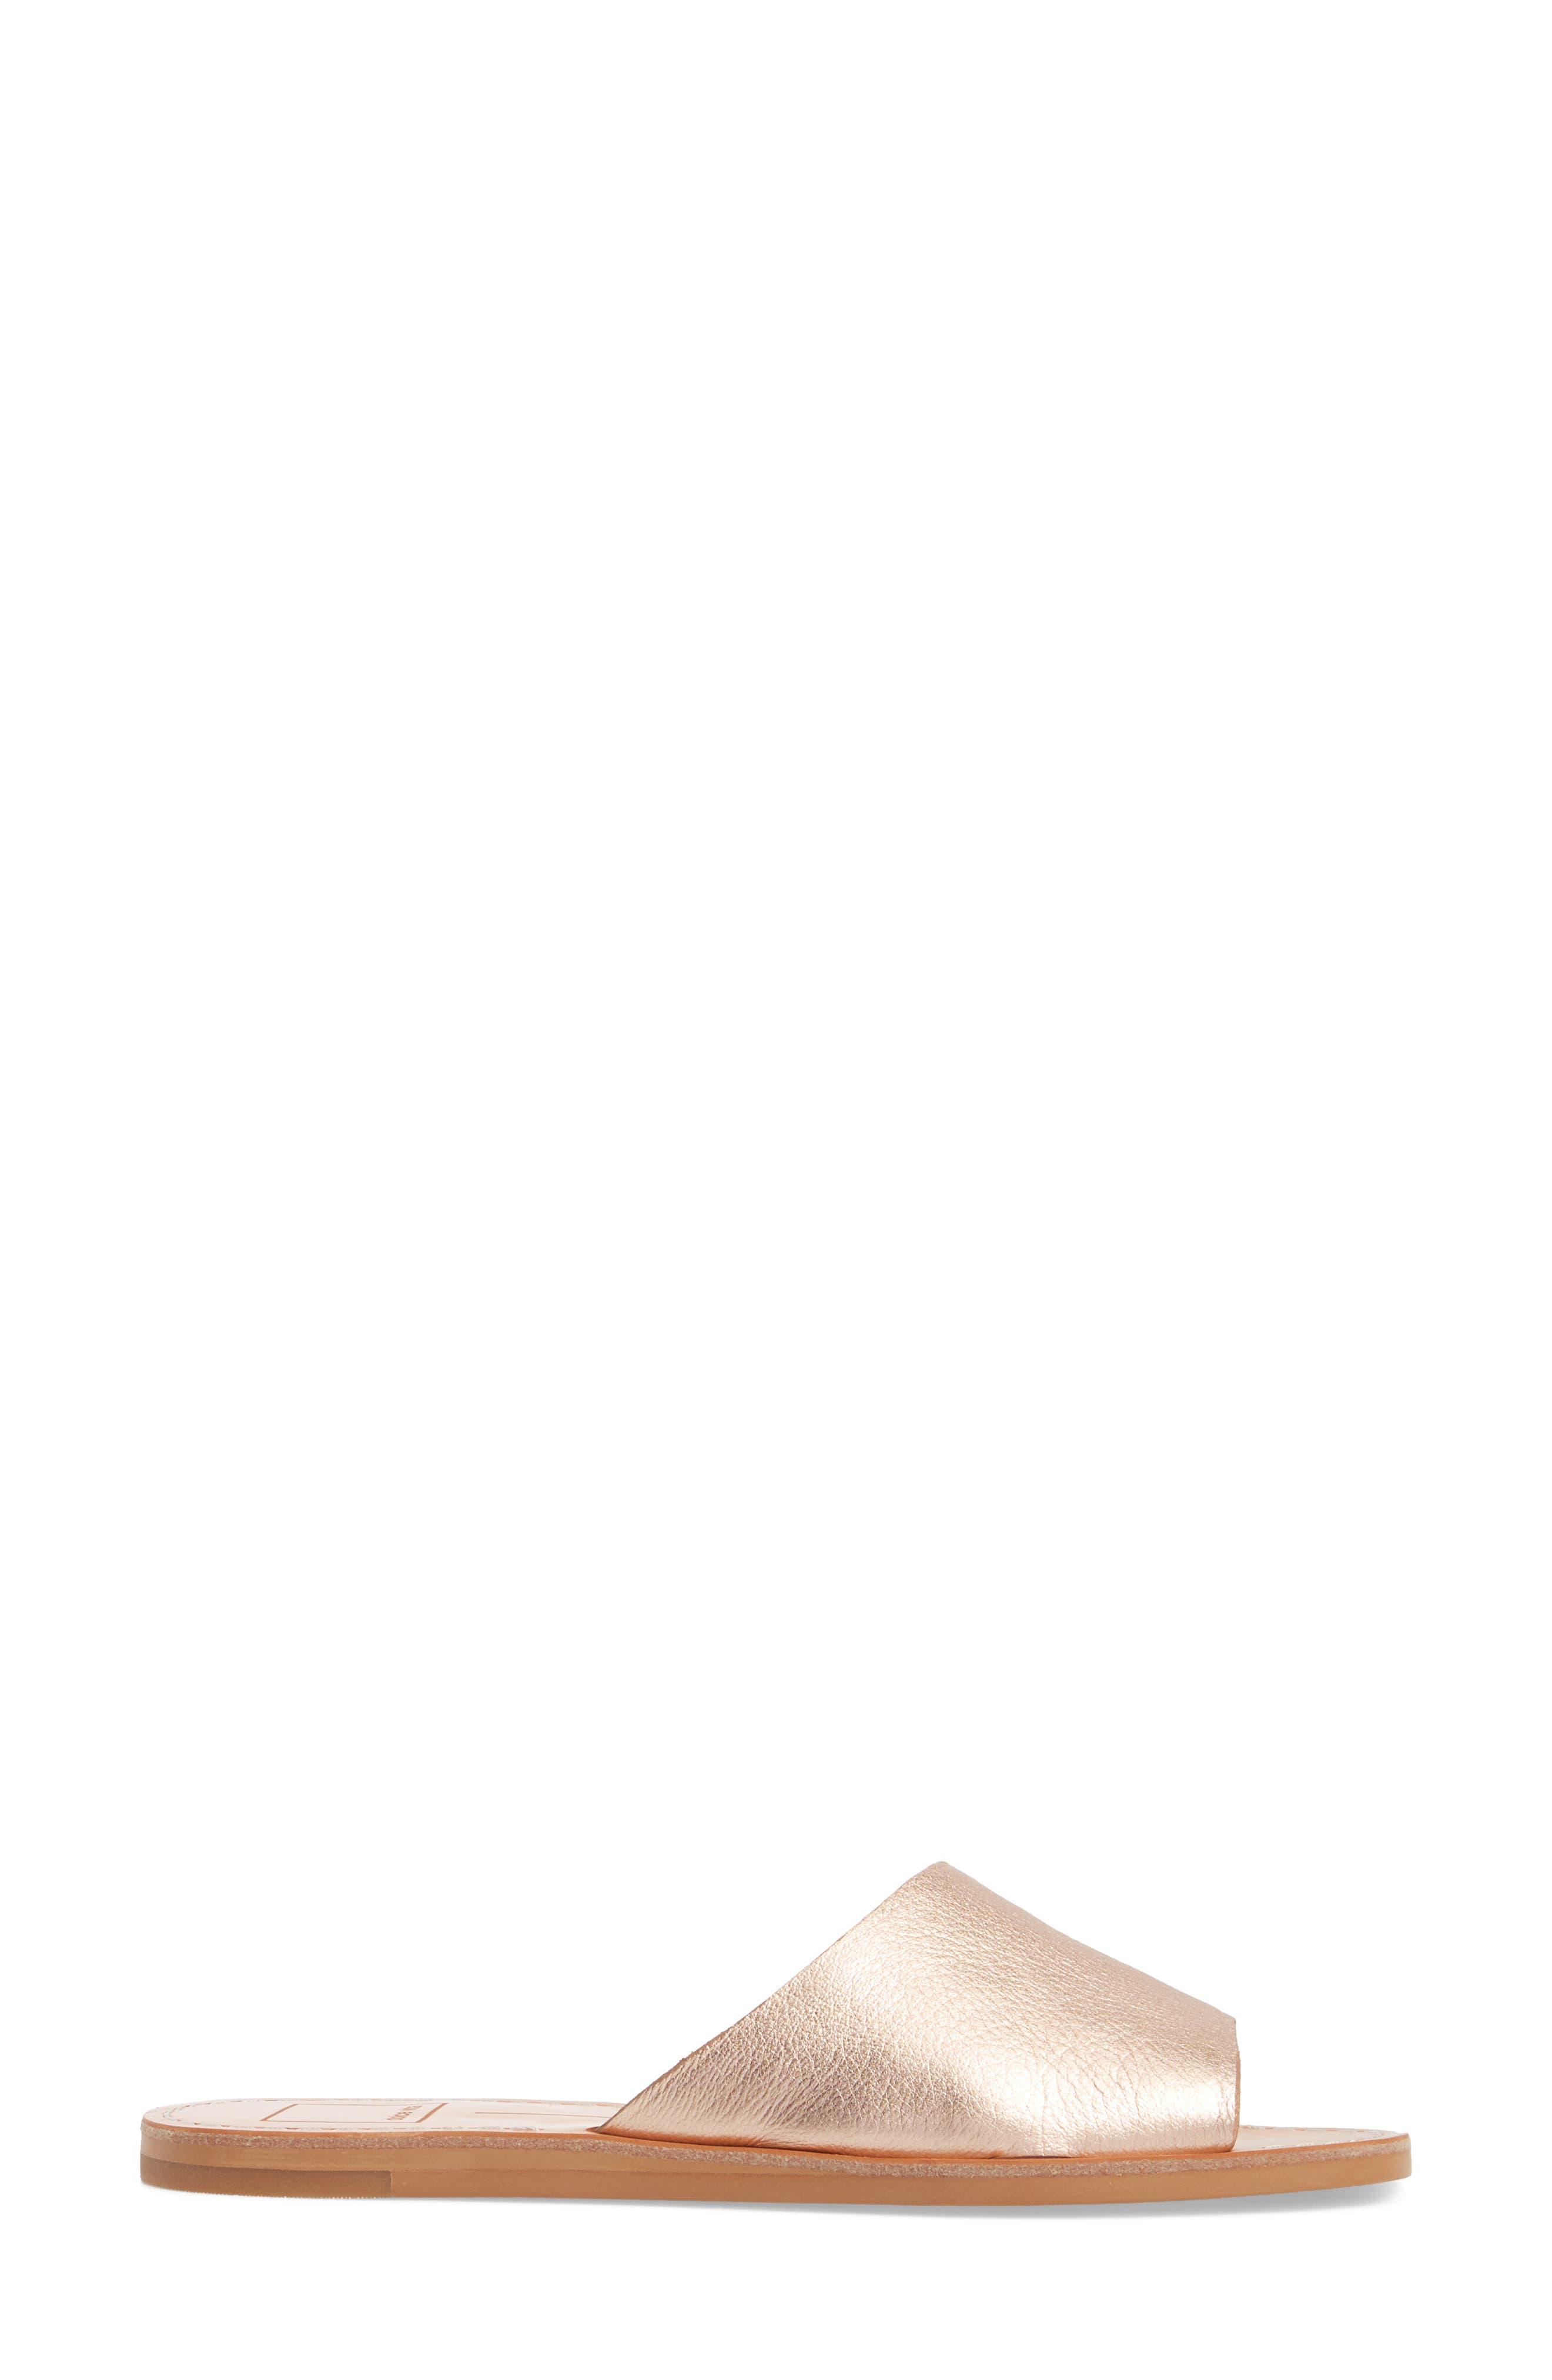 Cato Asymmetrical Slide Sandal,                             Alternate thumbnail 18, color,